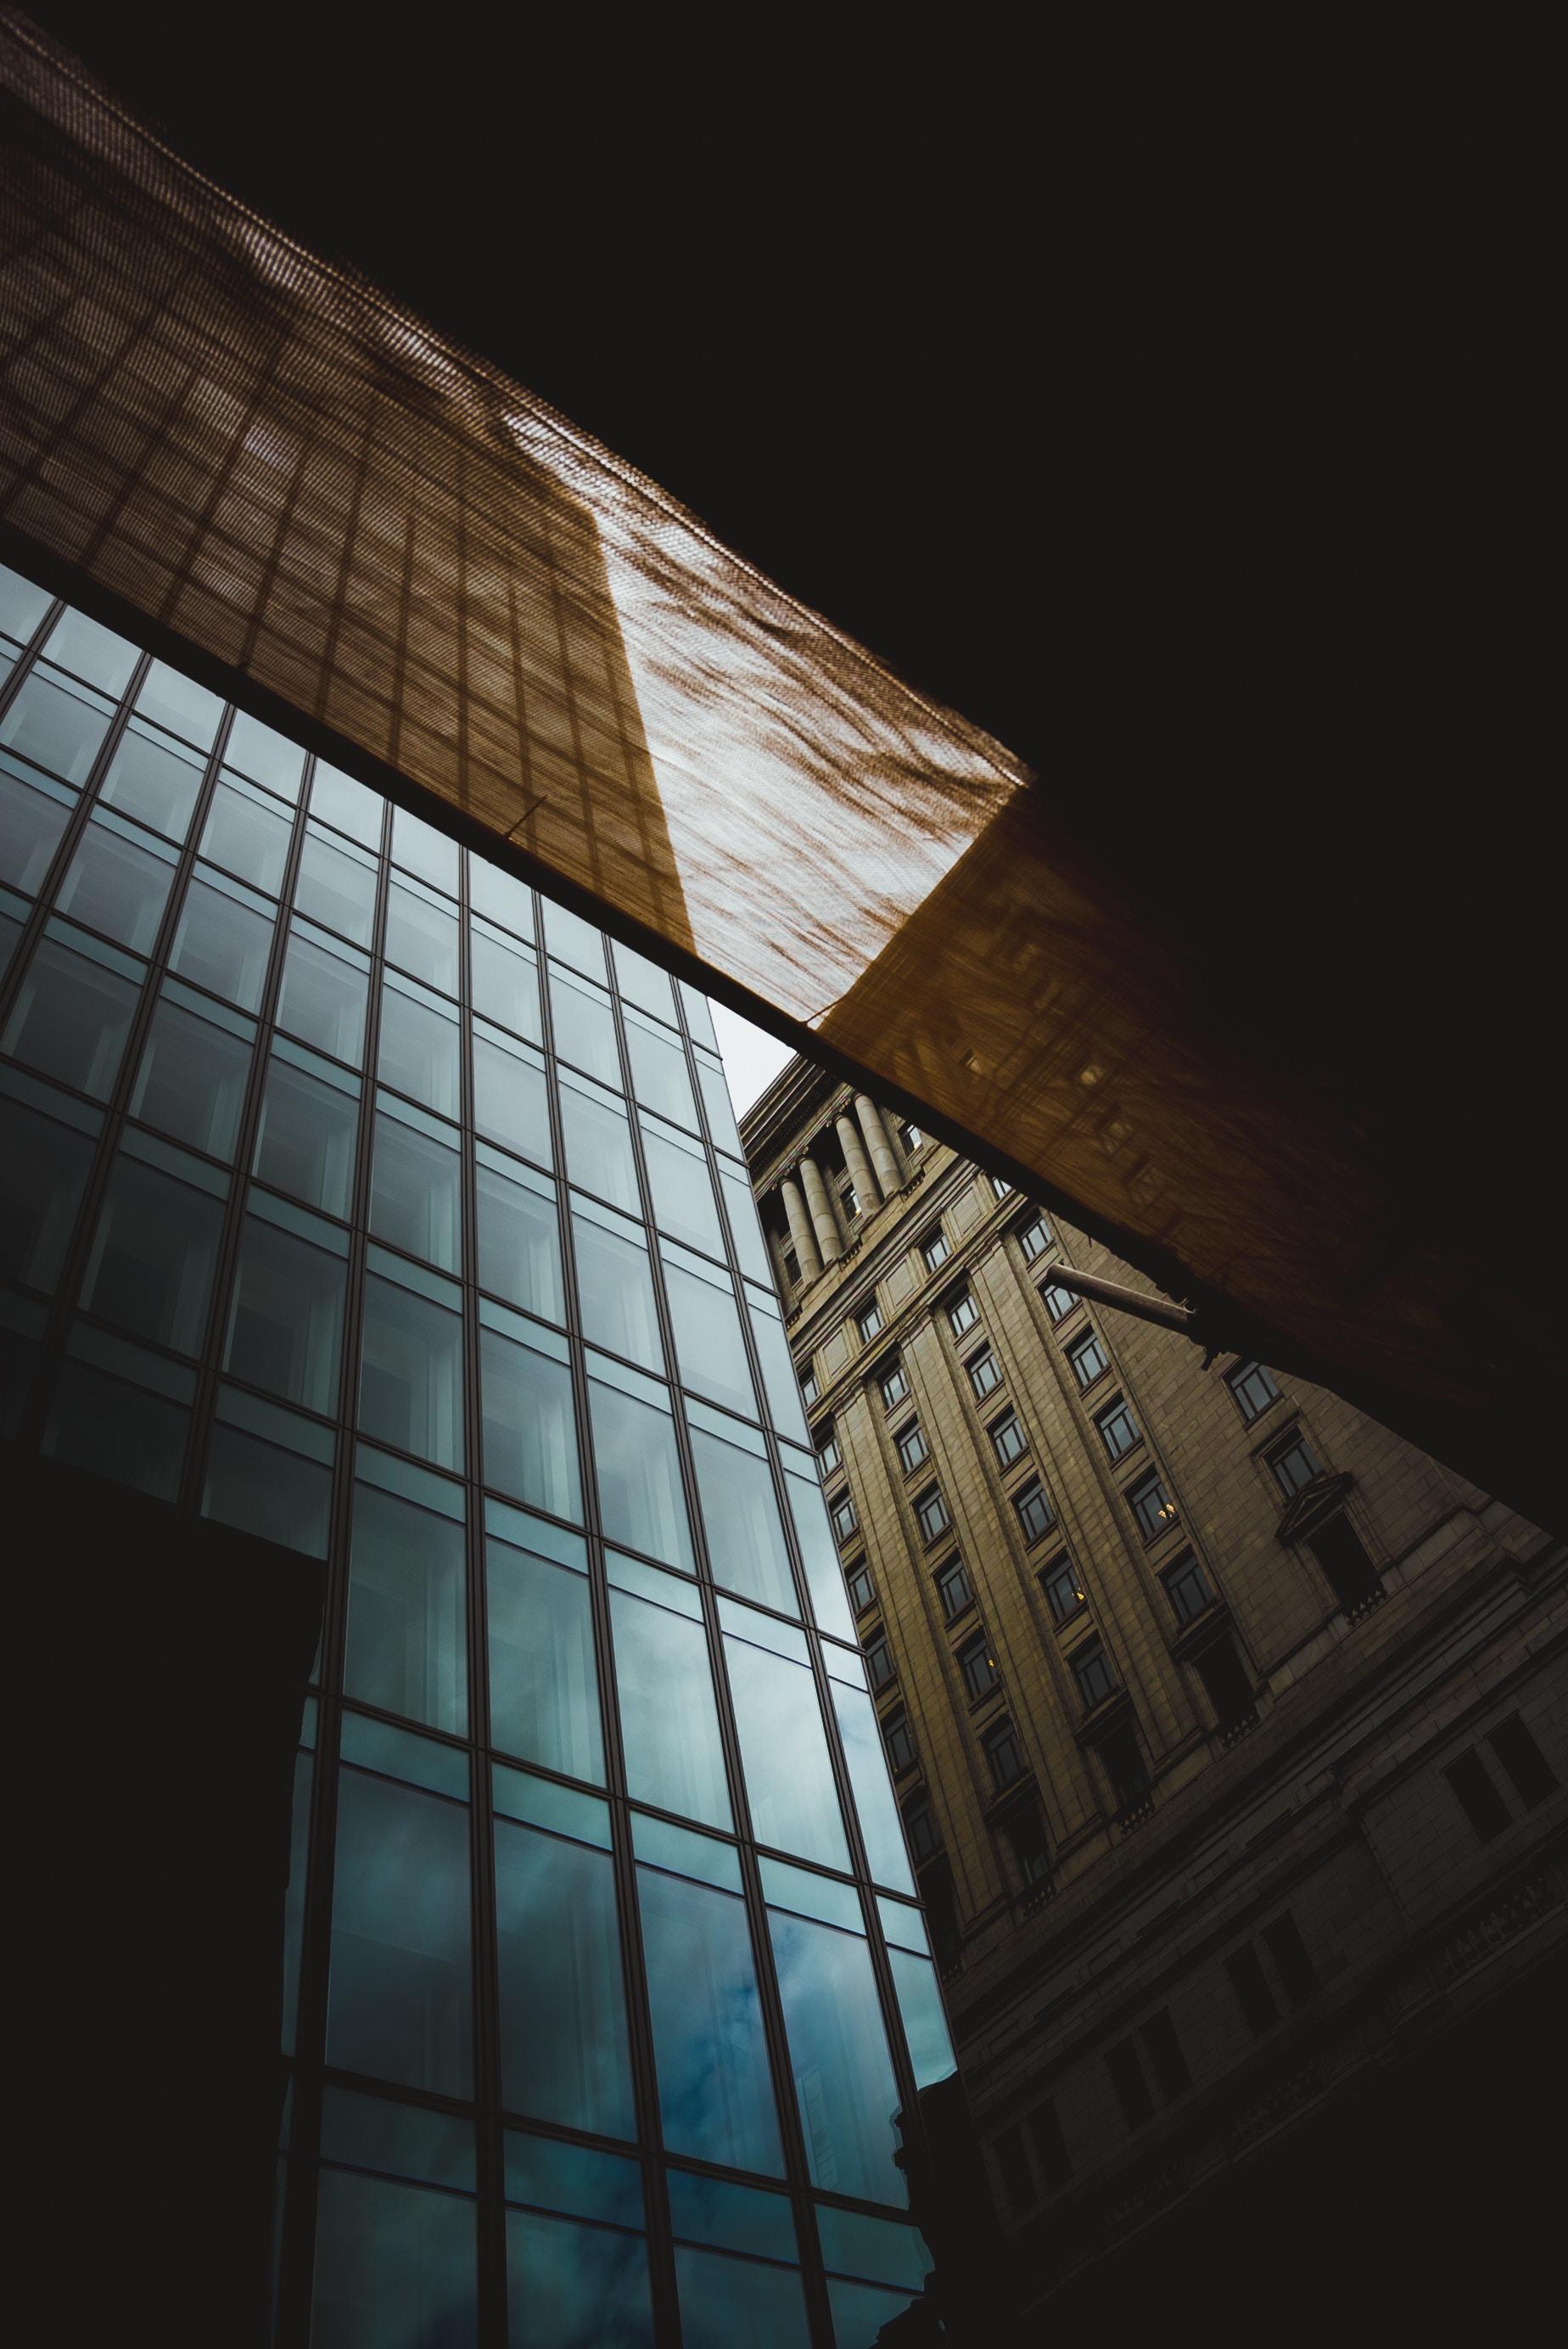 110004 скачать обои Здания, Фасады, Стеклянный, Многоэтажный, Городской, Архитектура, Города - заставки и картинки бесплатно